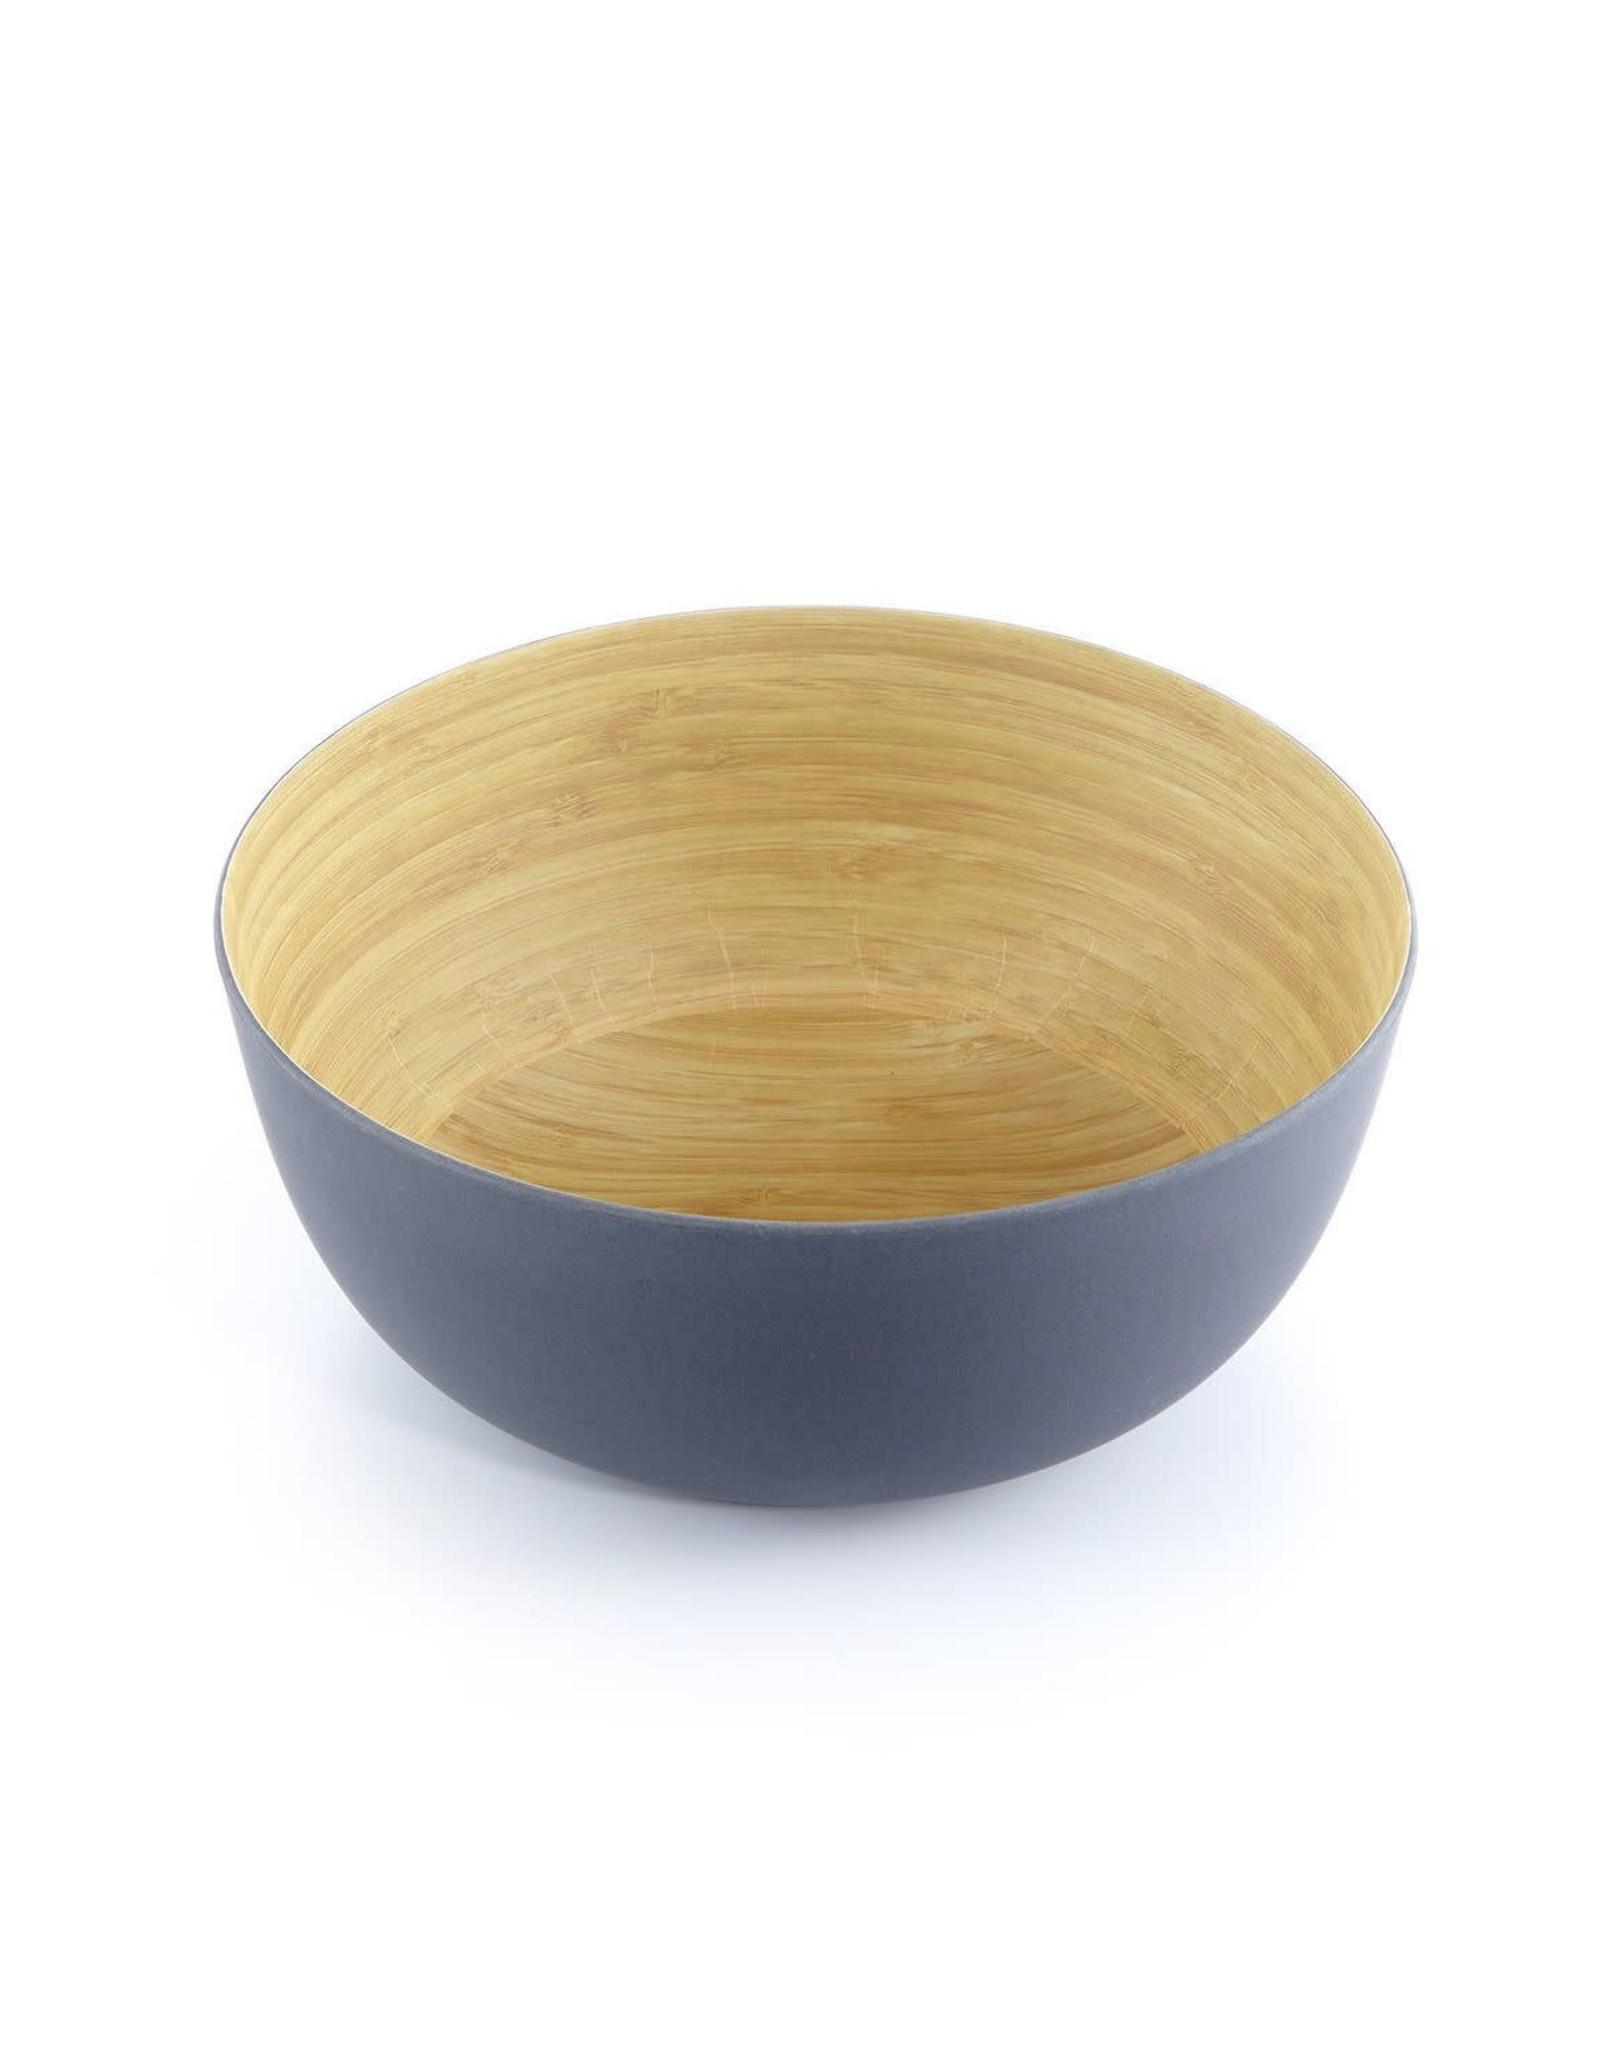 Bamboo Bowls - Set of 4